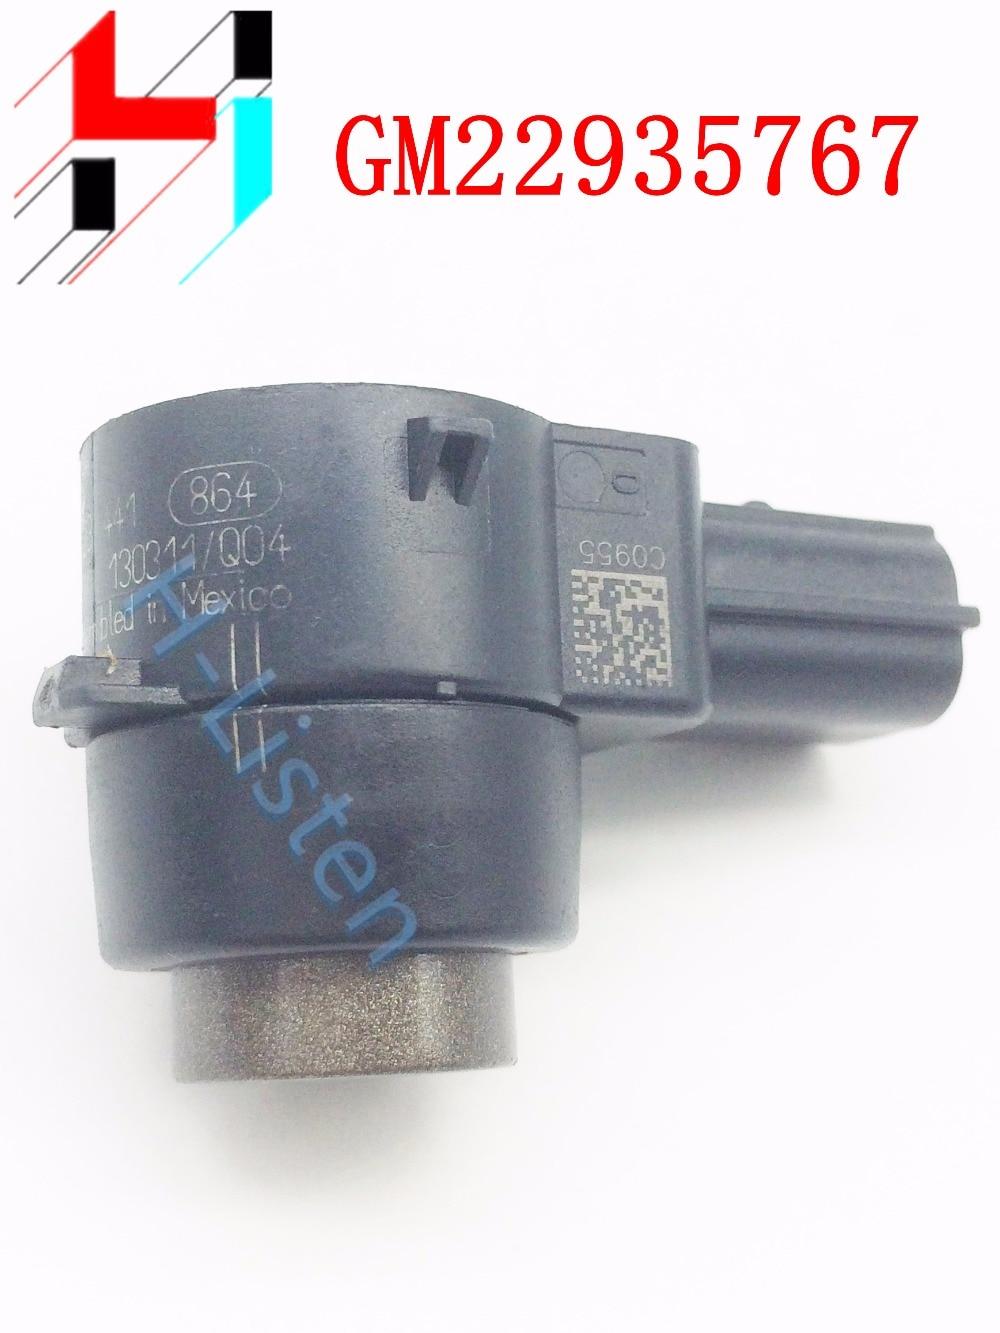 (4 шт.) 22935767 оригинальный датчик парковки PDC, ультразвуковой датчик обратного хода OE #0263023441